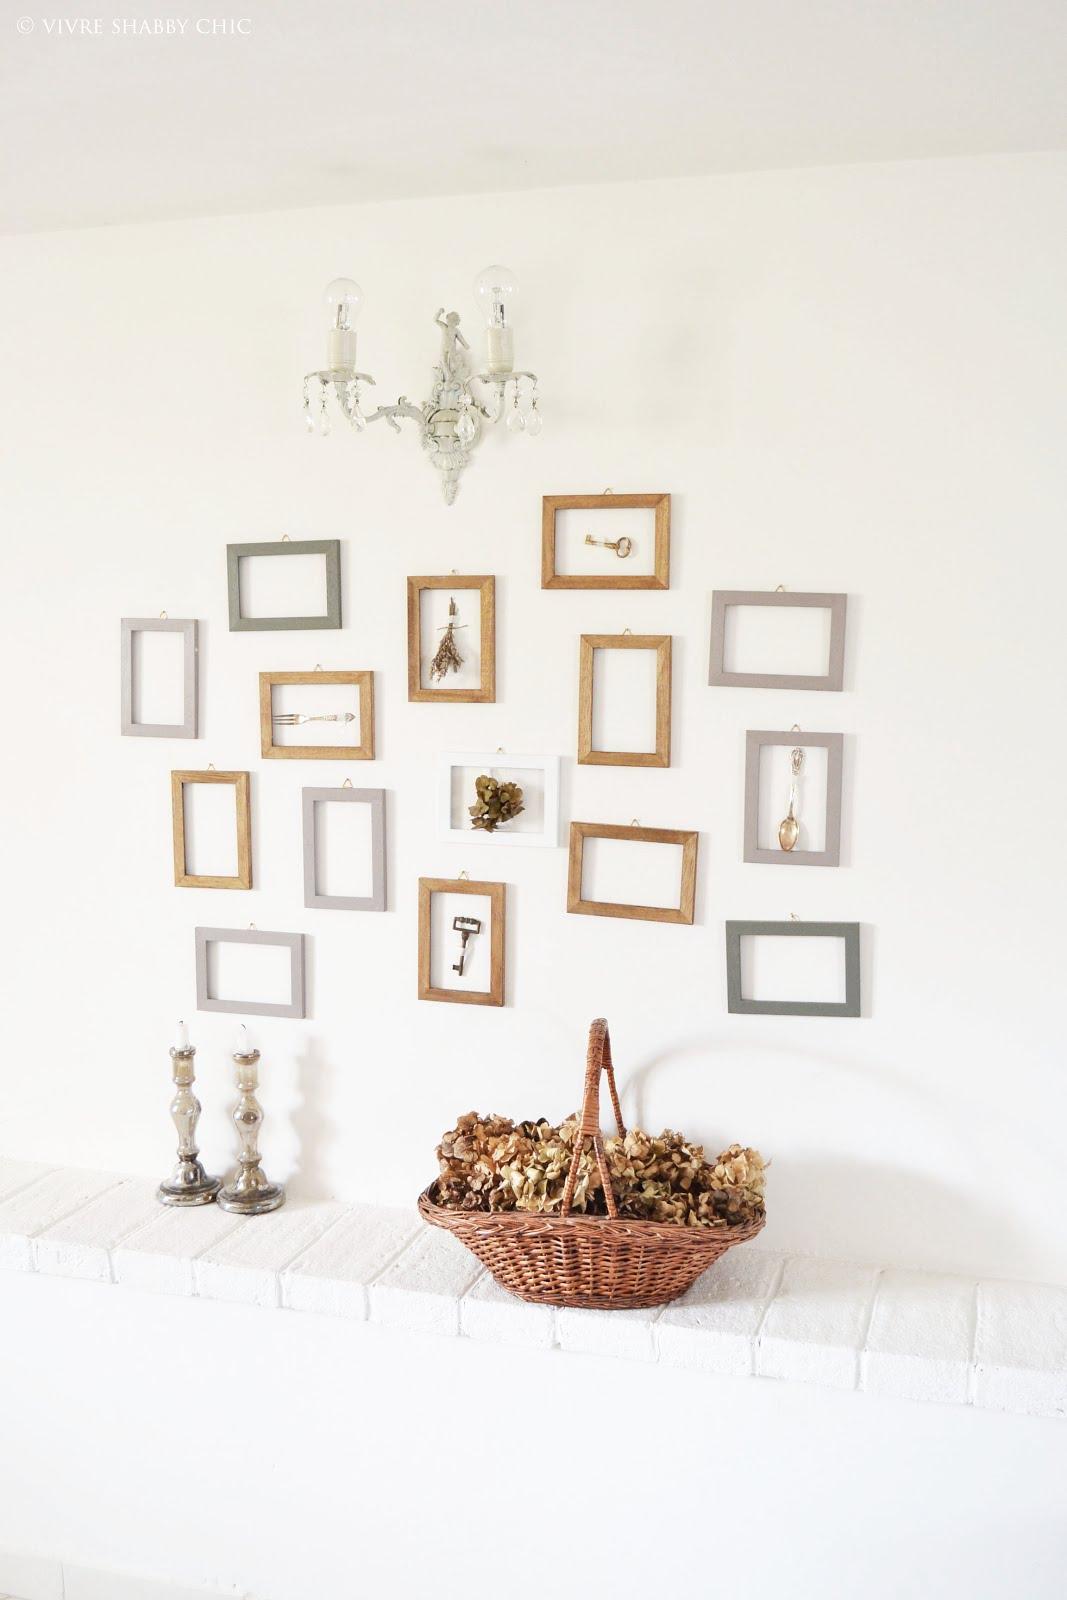 Vivre shabby chic decorare una parete con le cornici for Decorare stanza shabby chic